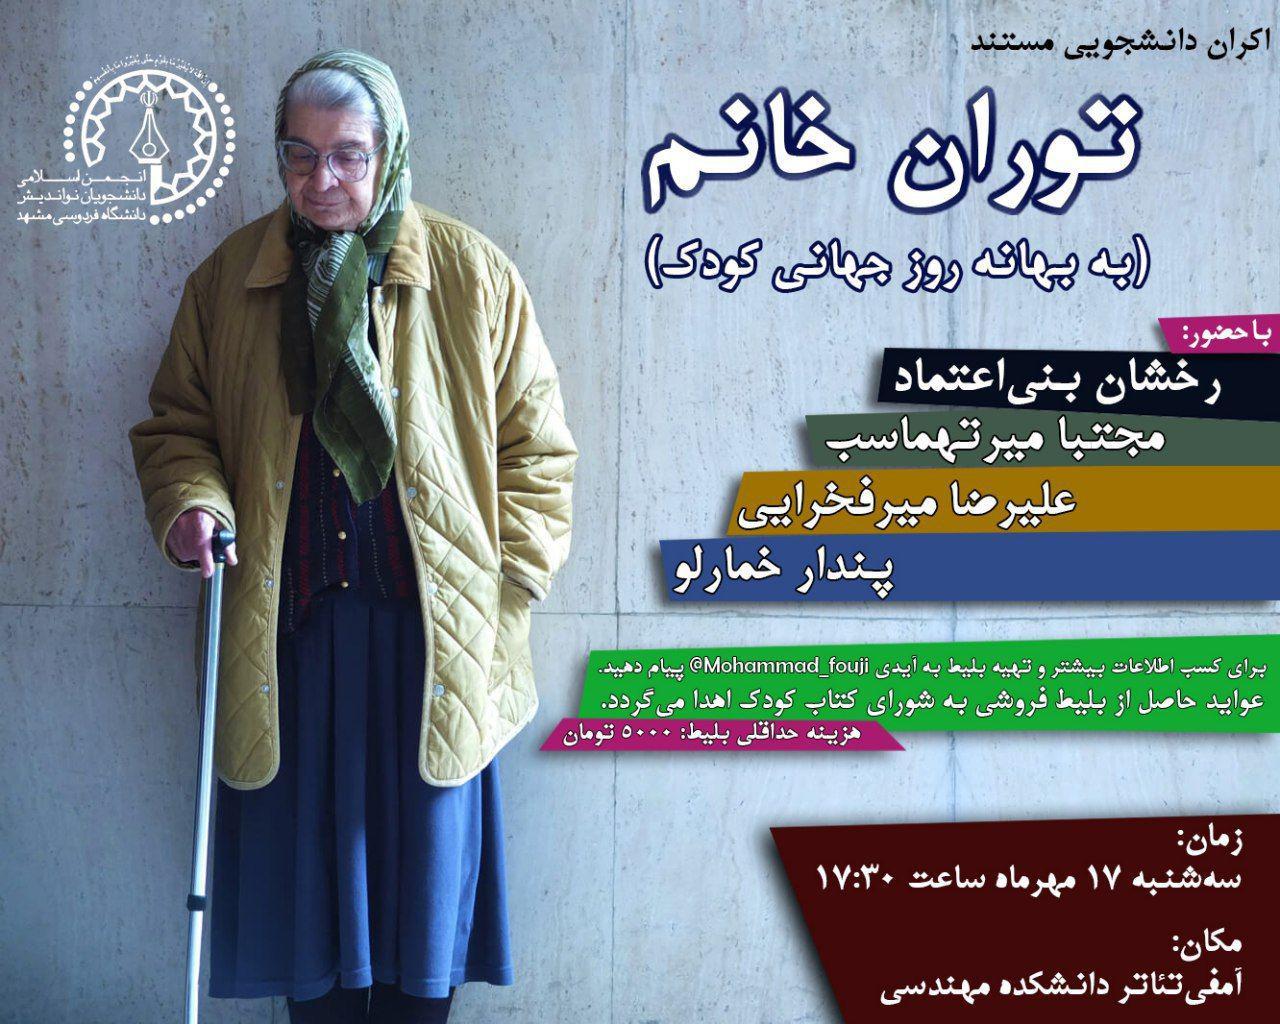 نمایش فیلم «تورانخانم» در دانشگاه فردوسی مشهد